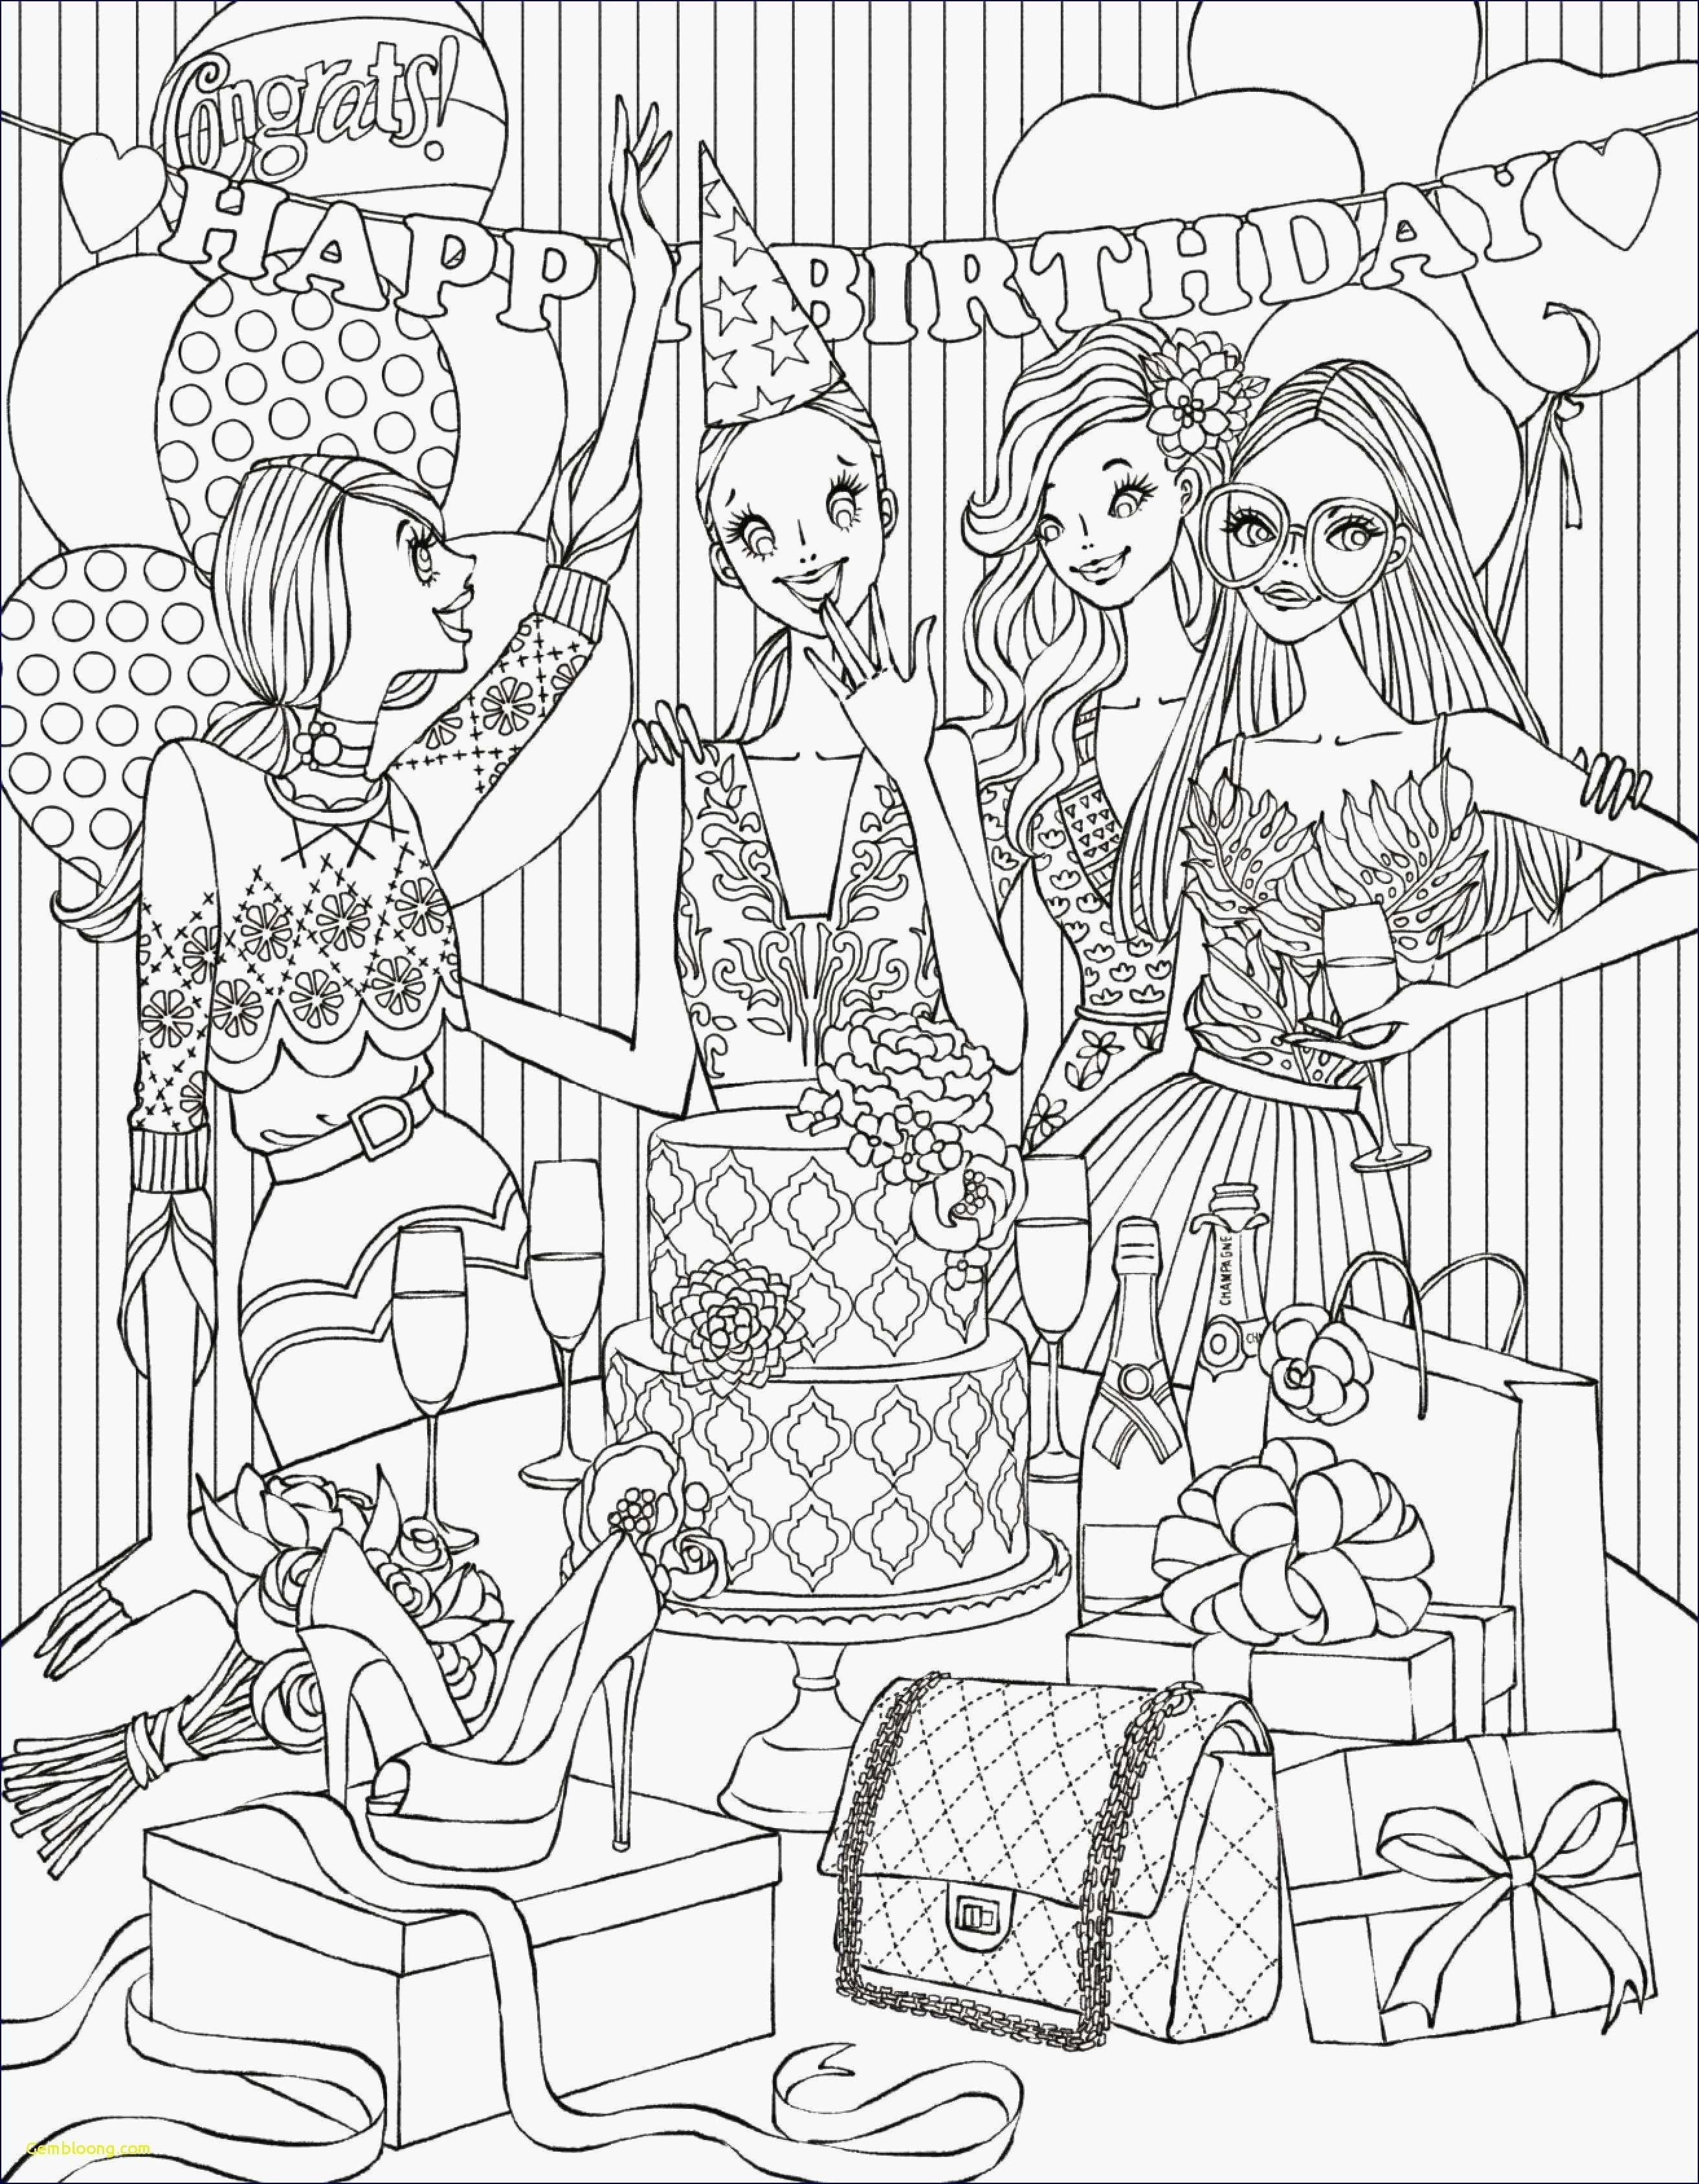 Ausmalbilder Disney Kostenlos Ausdrucken Neu Ausmalbilder Kleine Prinzessin Frisch Kleine Prinzessin Sammlung